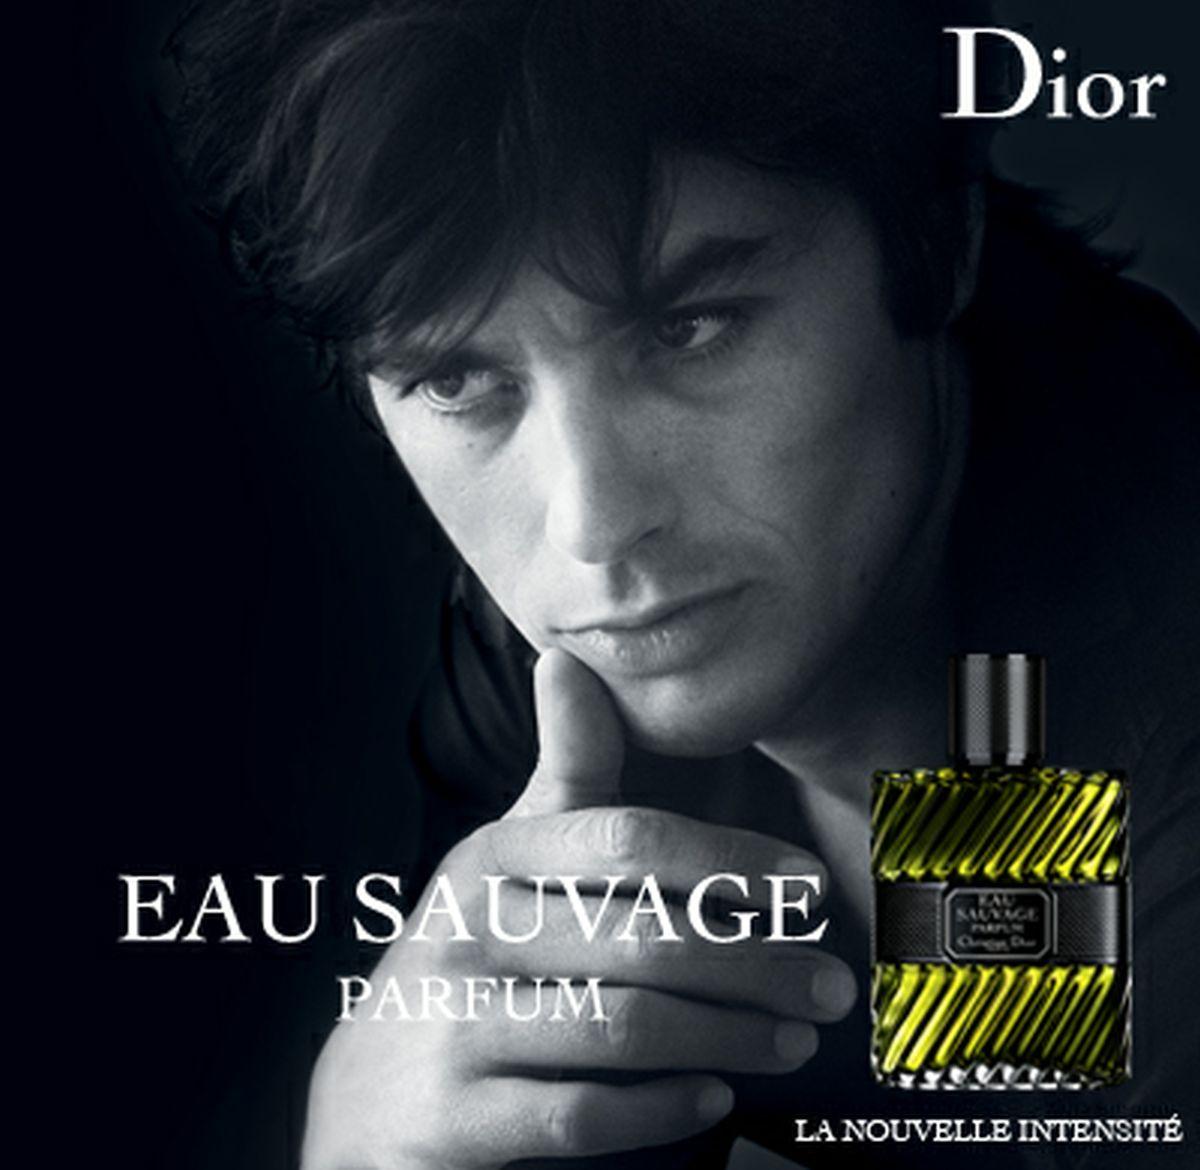 Eau Sauvage Parfum Christian Dior Cologne Un Parfum Pour Homme 2012